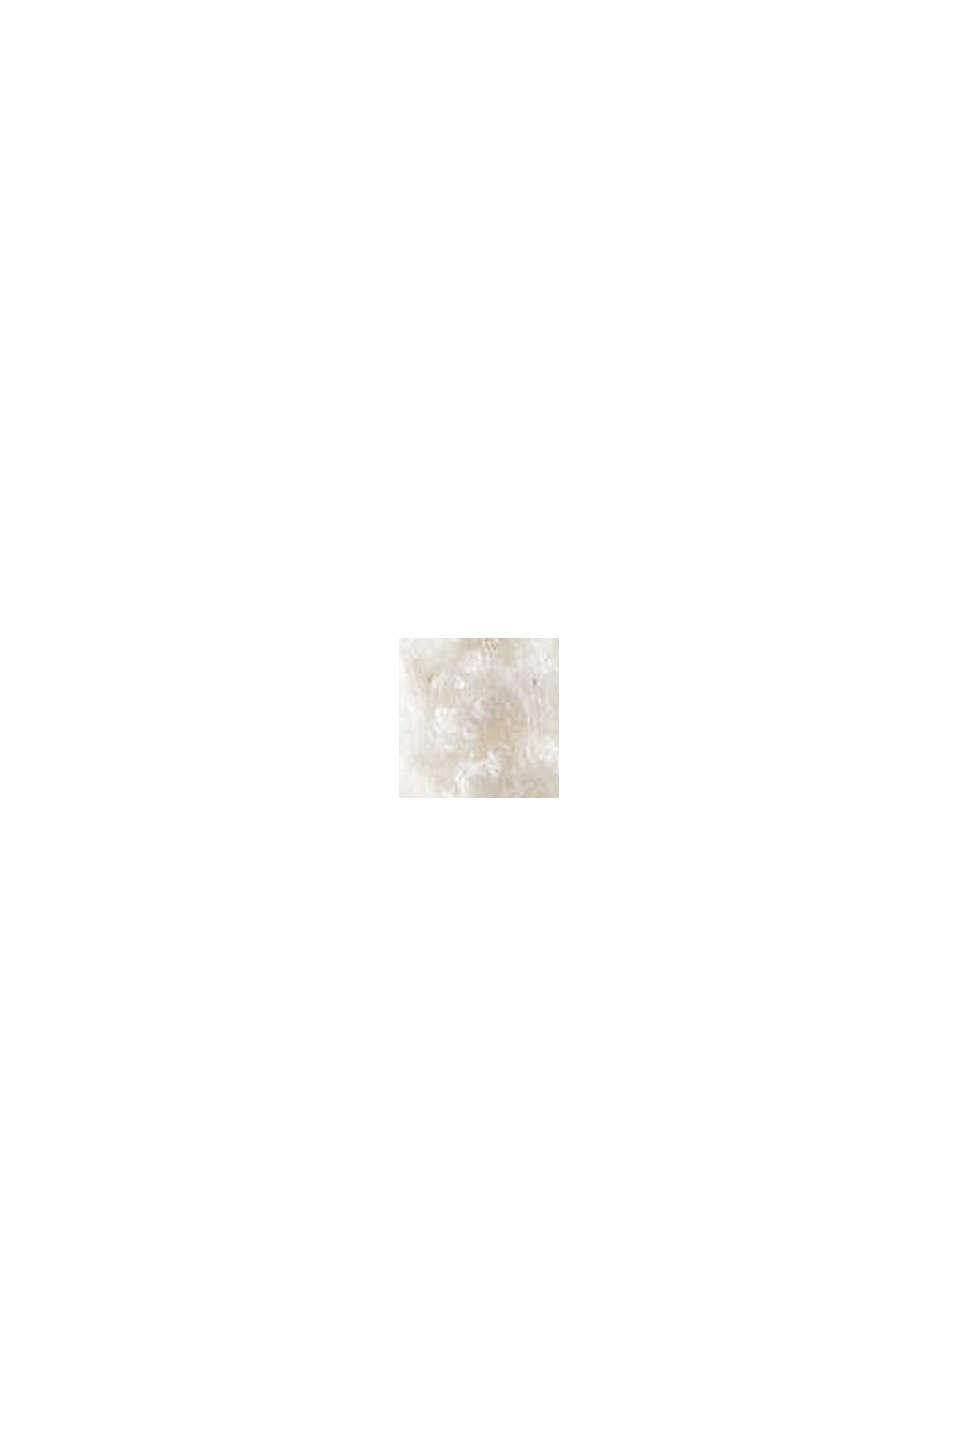 Dik vest van een mix van biologisch katoen, OFF WHITE, swatch